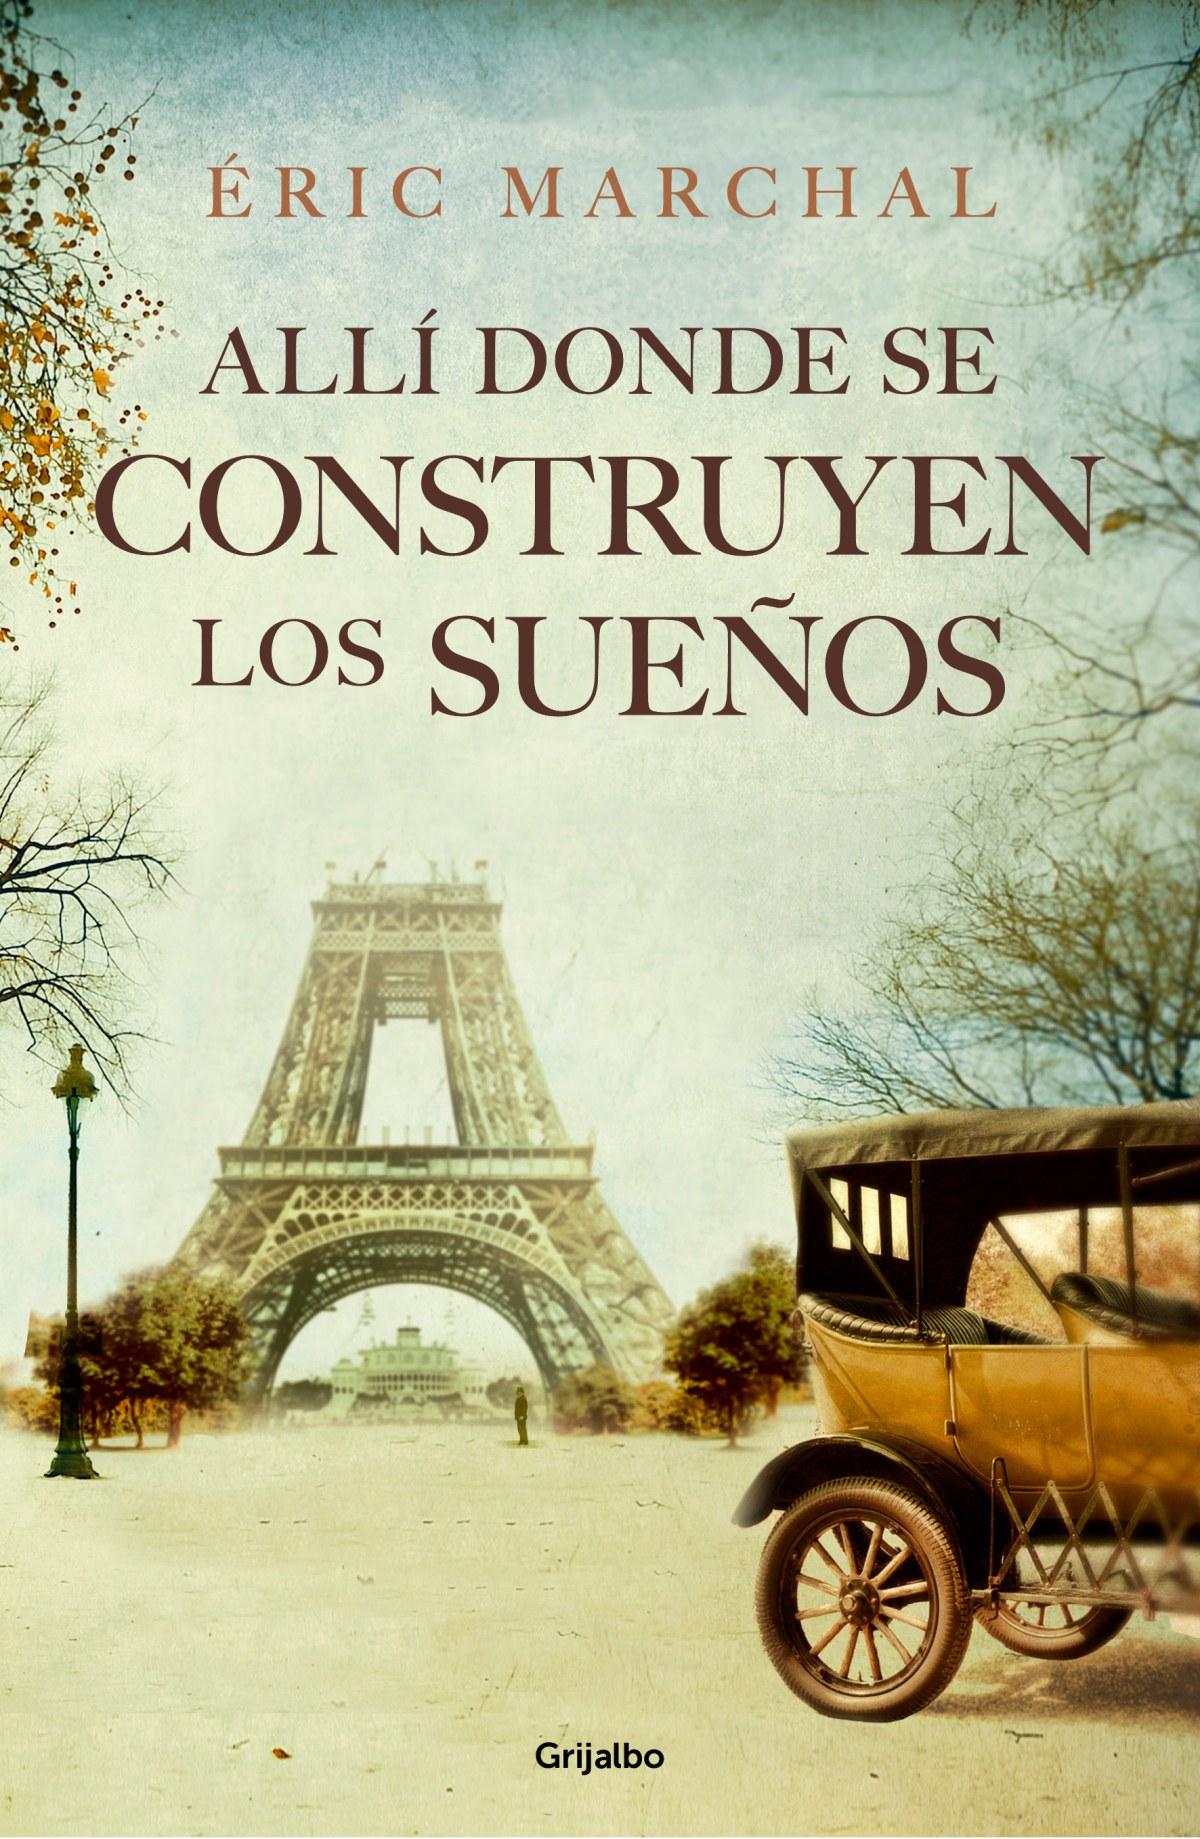 ALLÍ DONDE SE CONSTRUYEN LOS SUEñOS 9788425356650